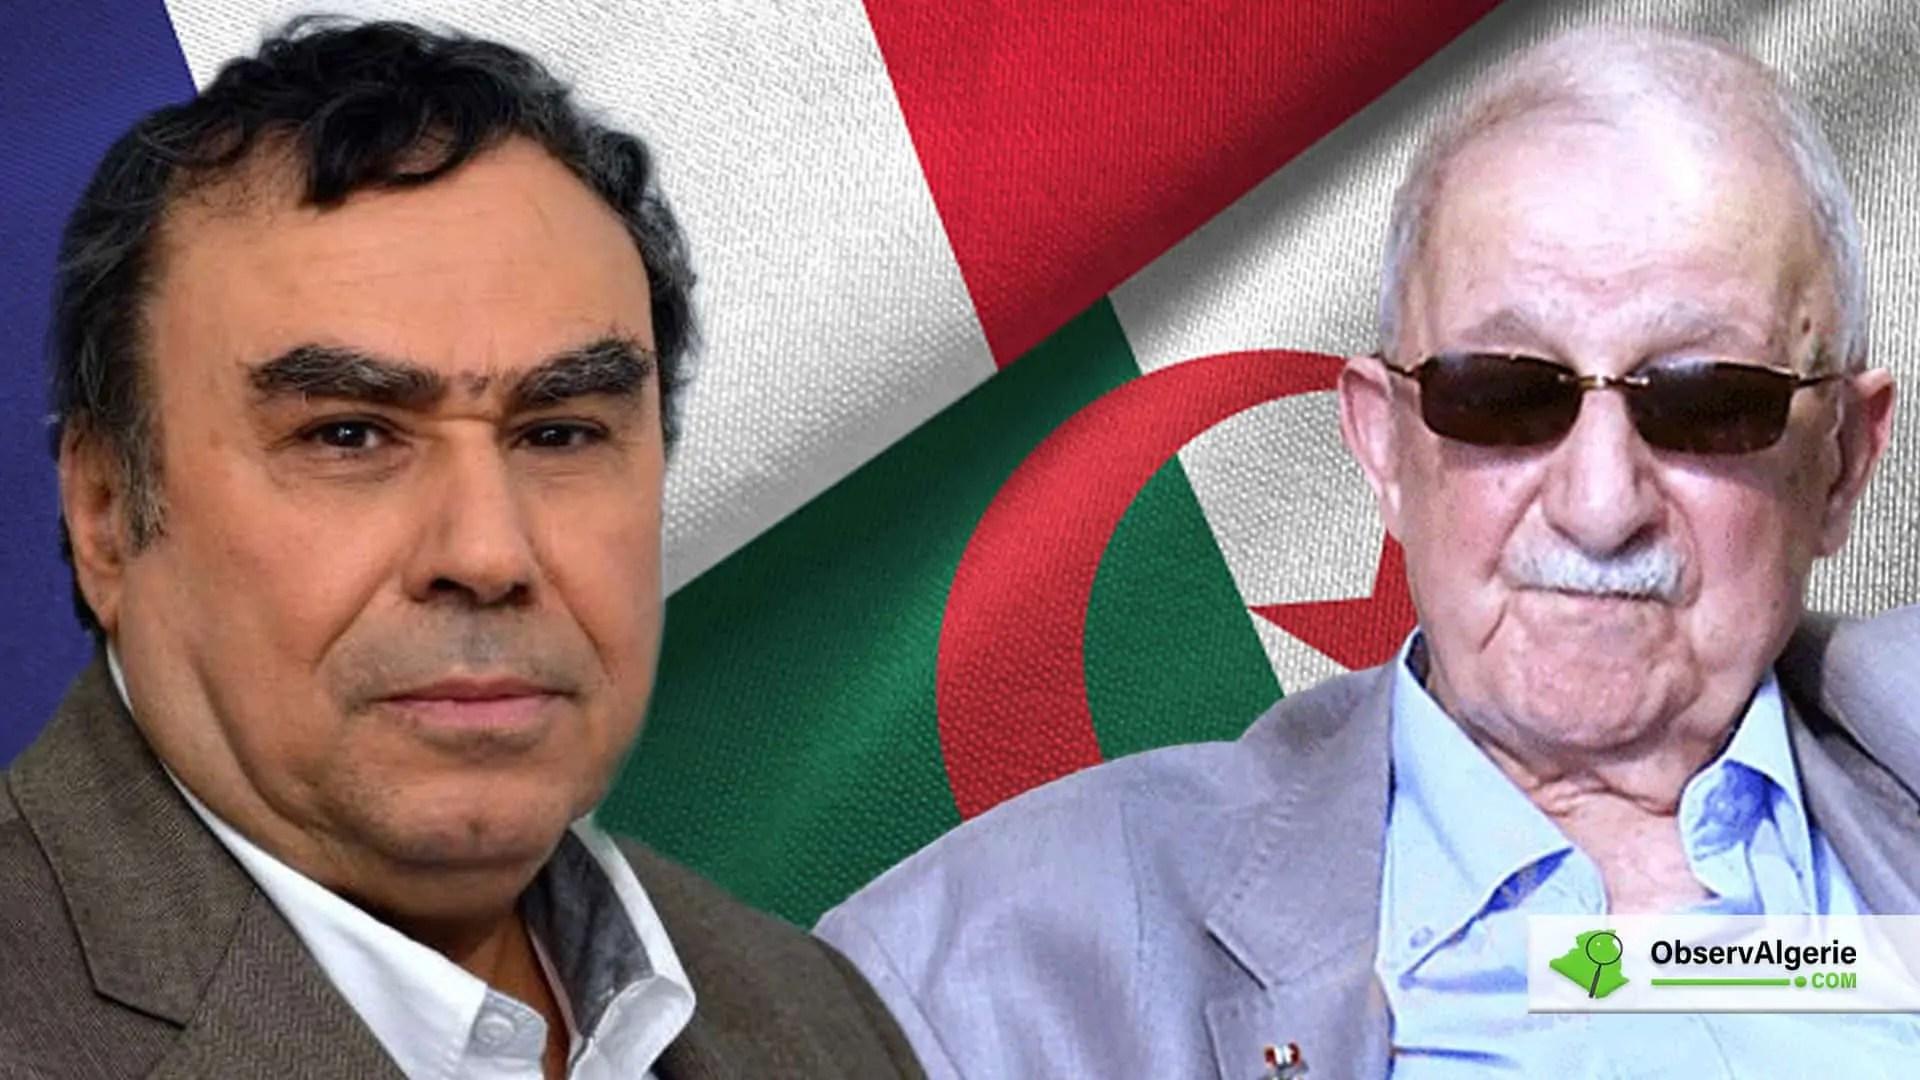 Algérie : L'ONM rejette la vision française sur l'écriture de l'histoire